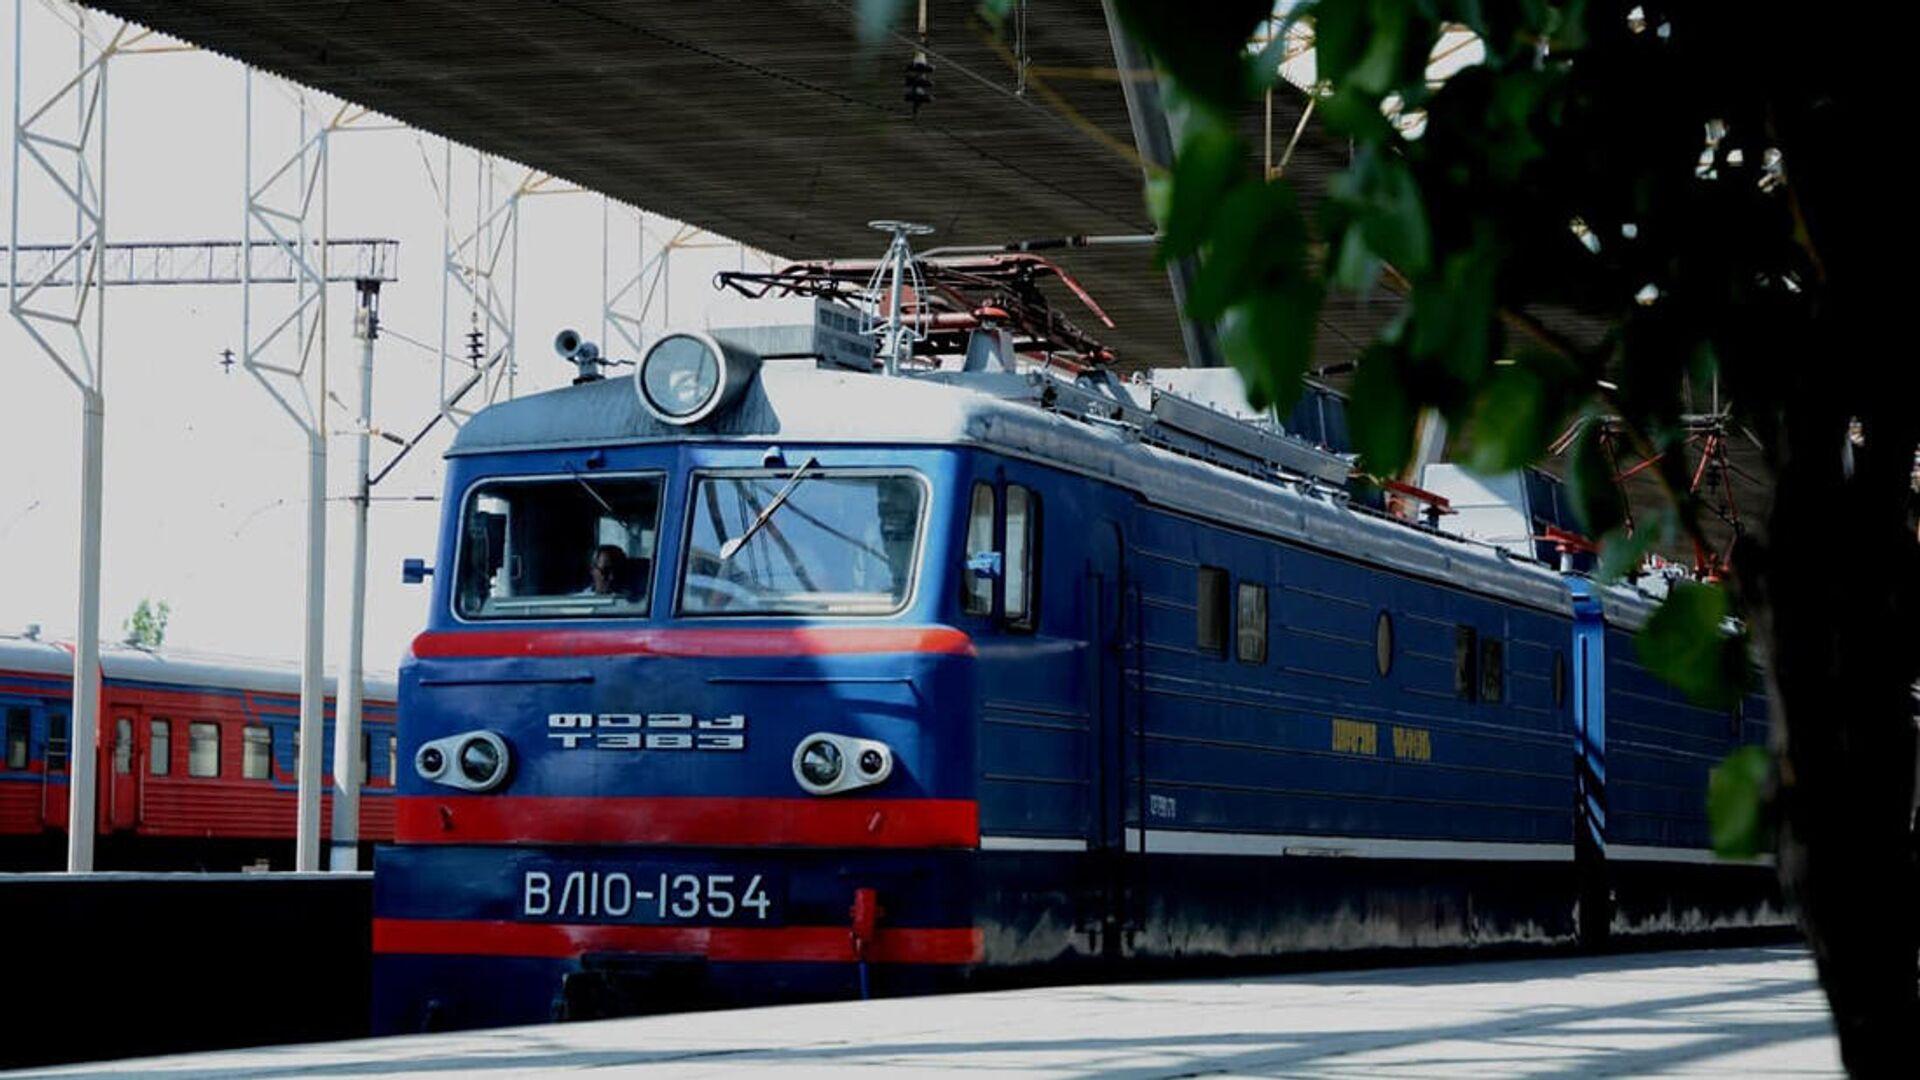 Բեռնատար գնացք - Sputnik Արմենիա, 1920, 28.09.2021